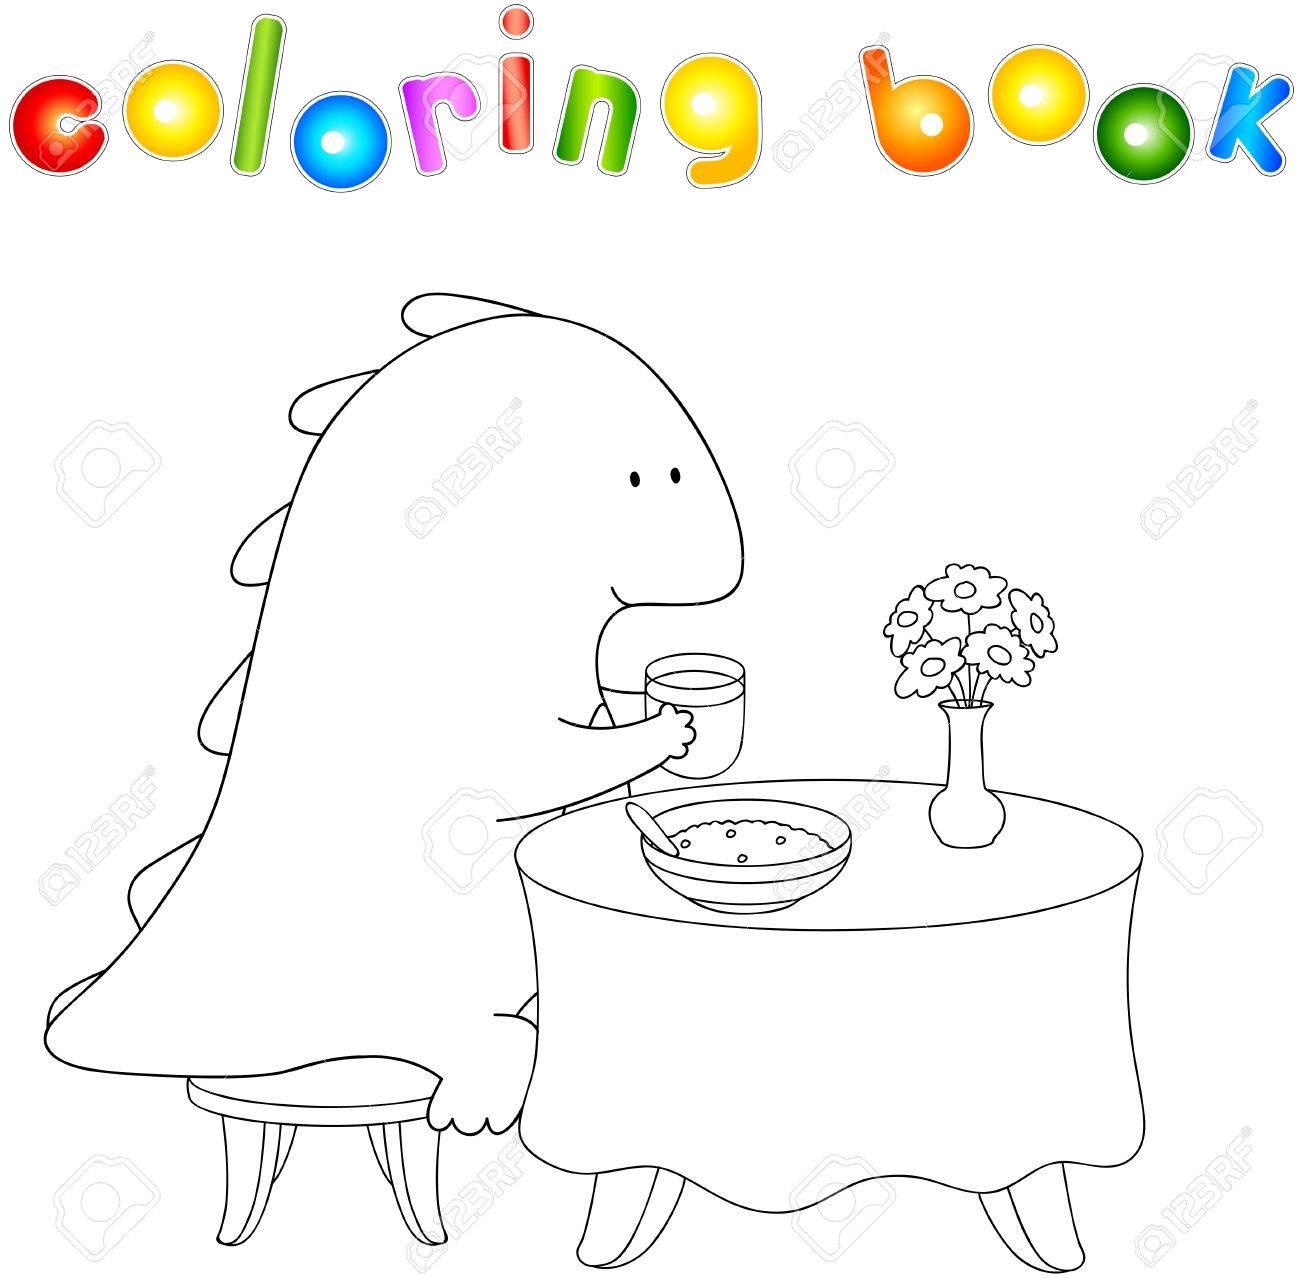 Dragon Ventre Crummy Mange Son Petit Déjeuner Gruau Et De Jus Coloriage Livre Sur Mode De Vie Sain Pour Les Enfants Vector Illustration Pour Les